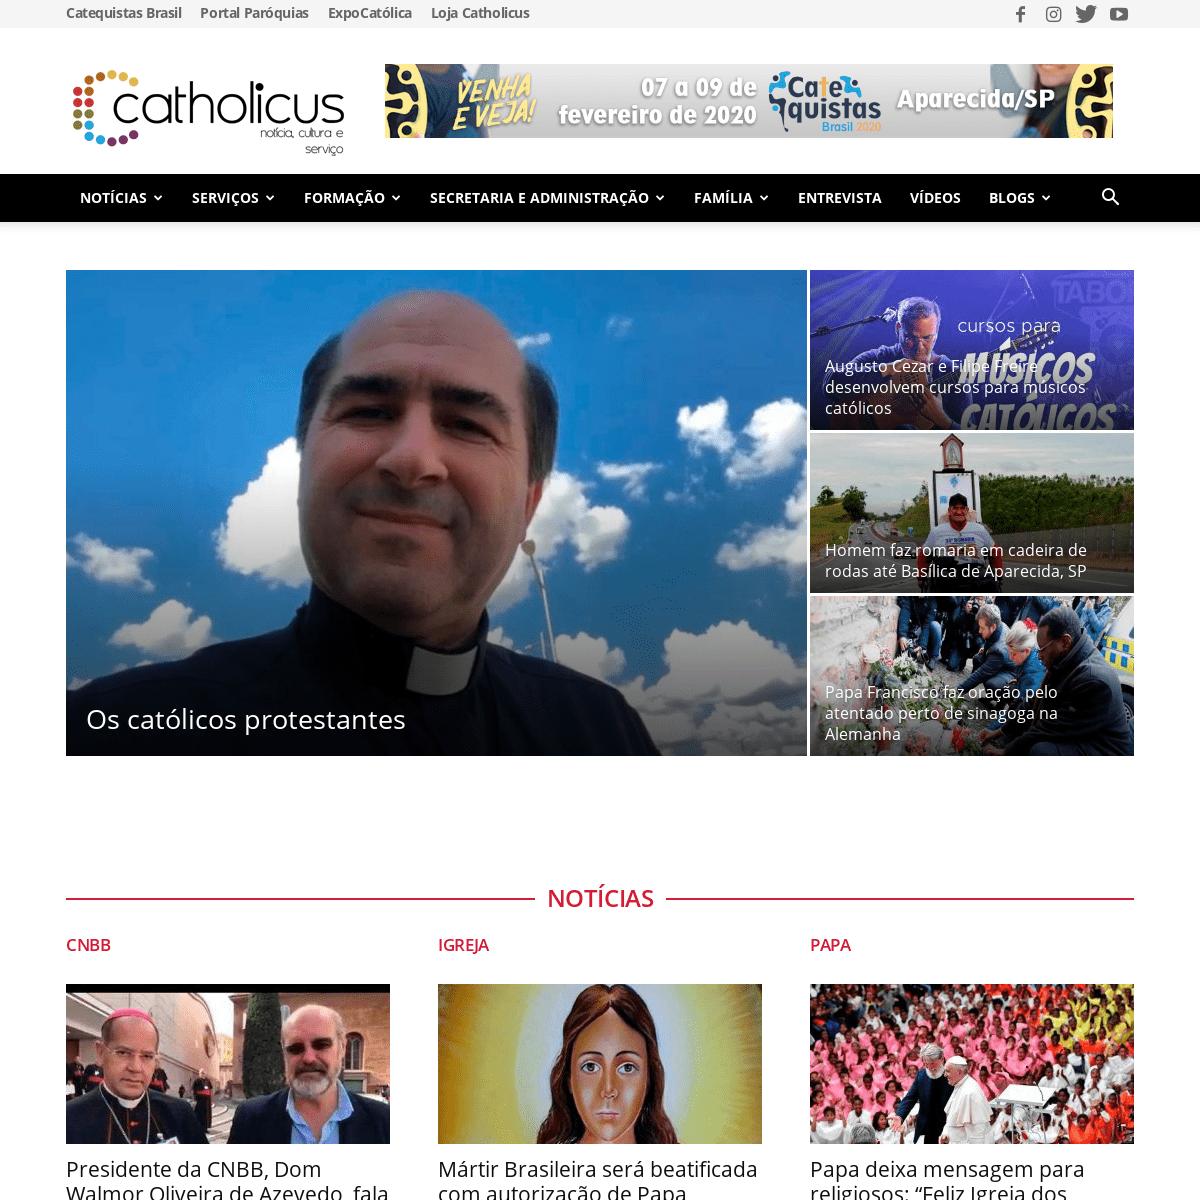 Portal Católico - Notícia, Cultura e Entretenimento - Catholius.org.br